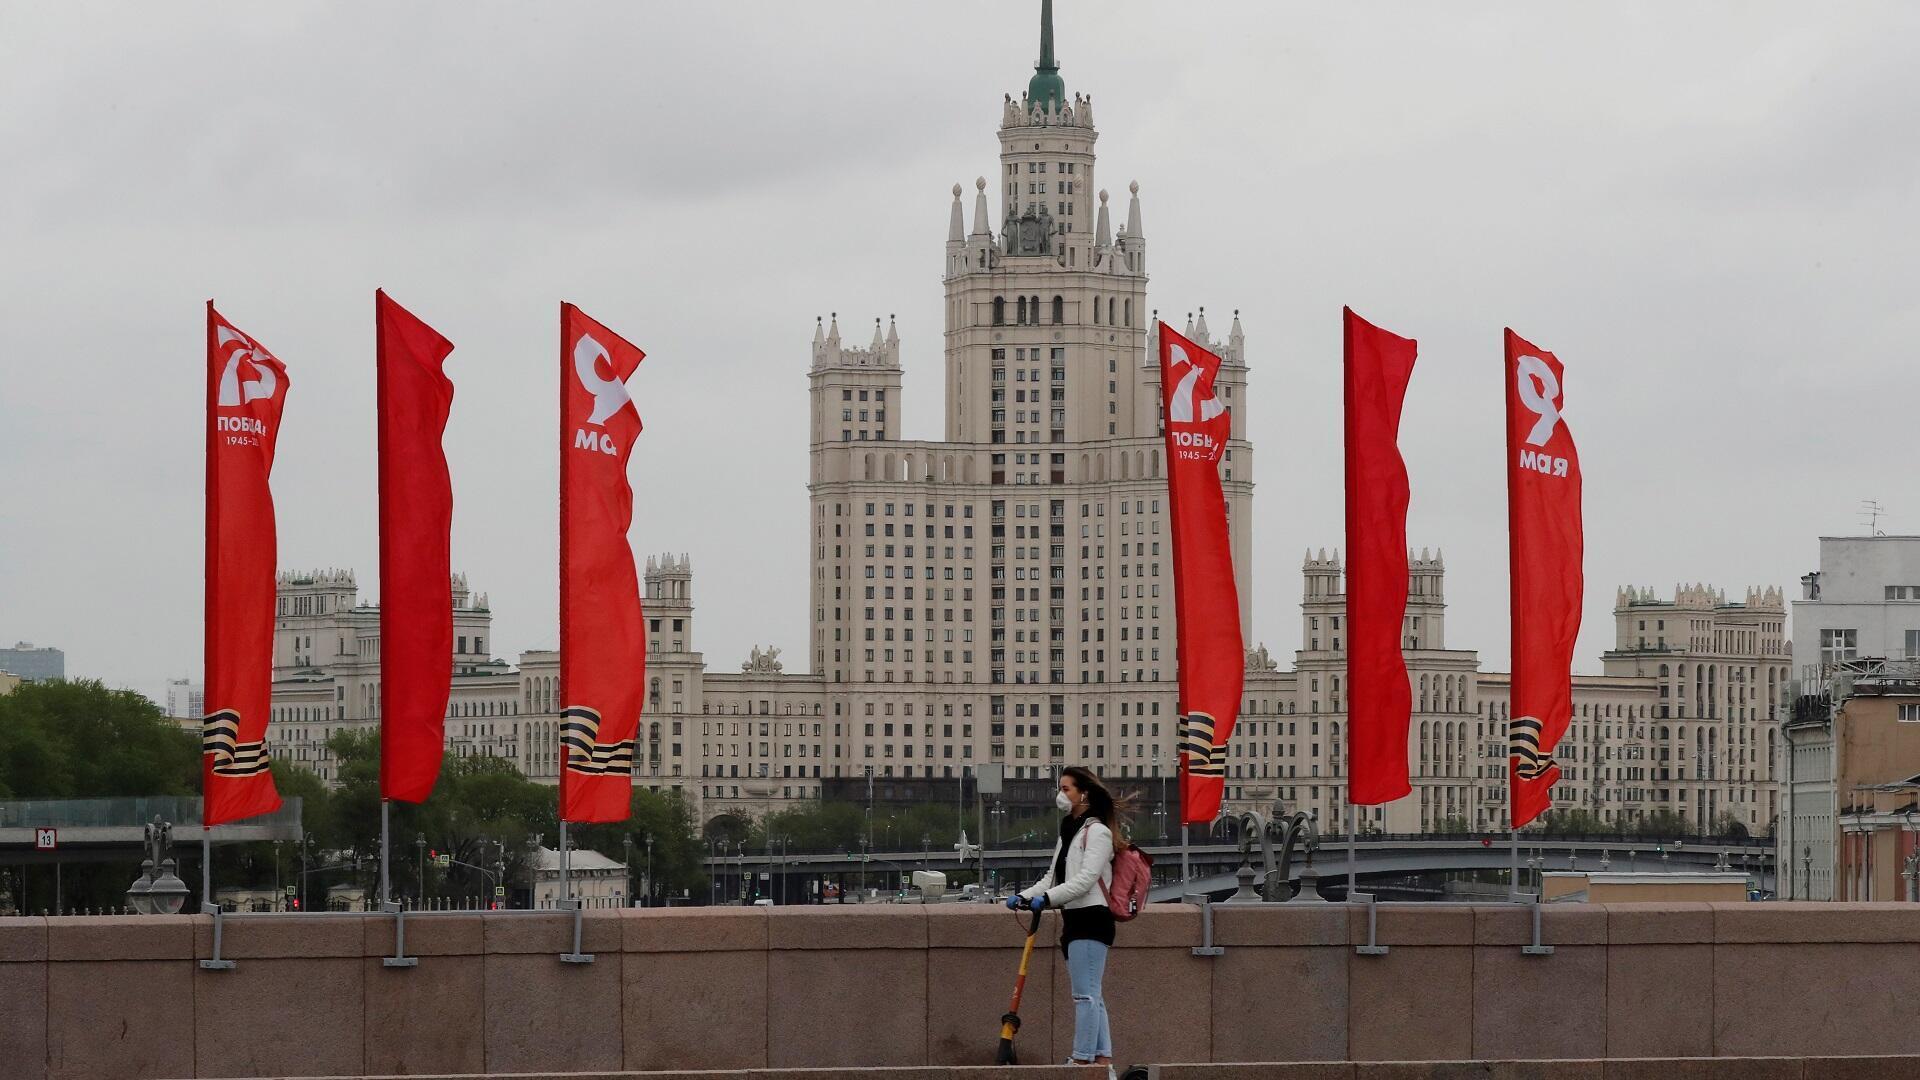 سيدة ترتدي قناعا طبيا تعبر جسرا بموسكو، 8 مايو/أيار 2020.